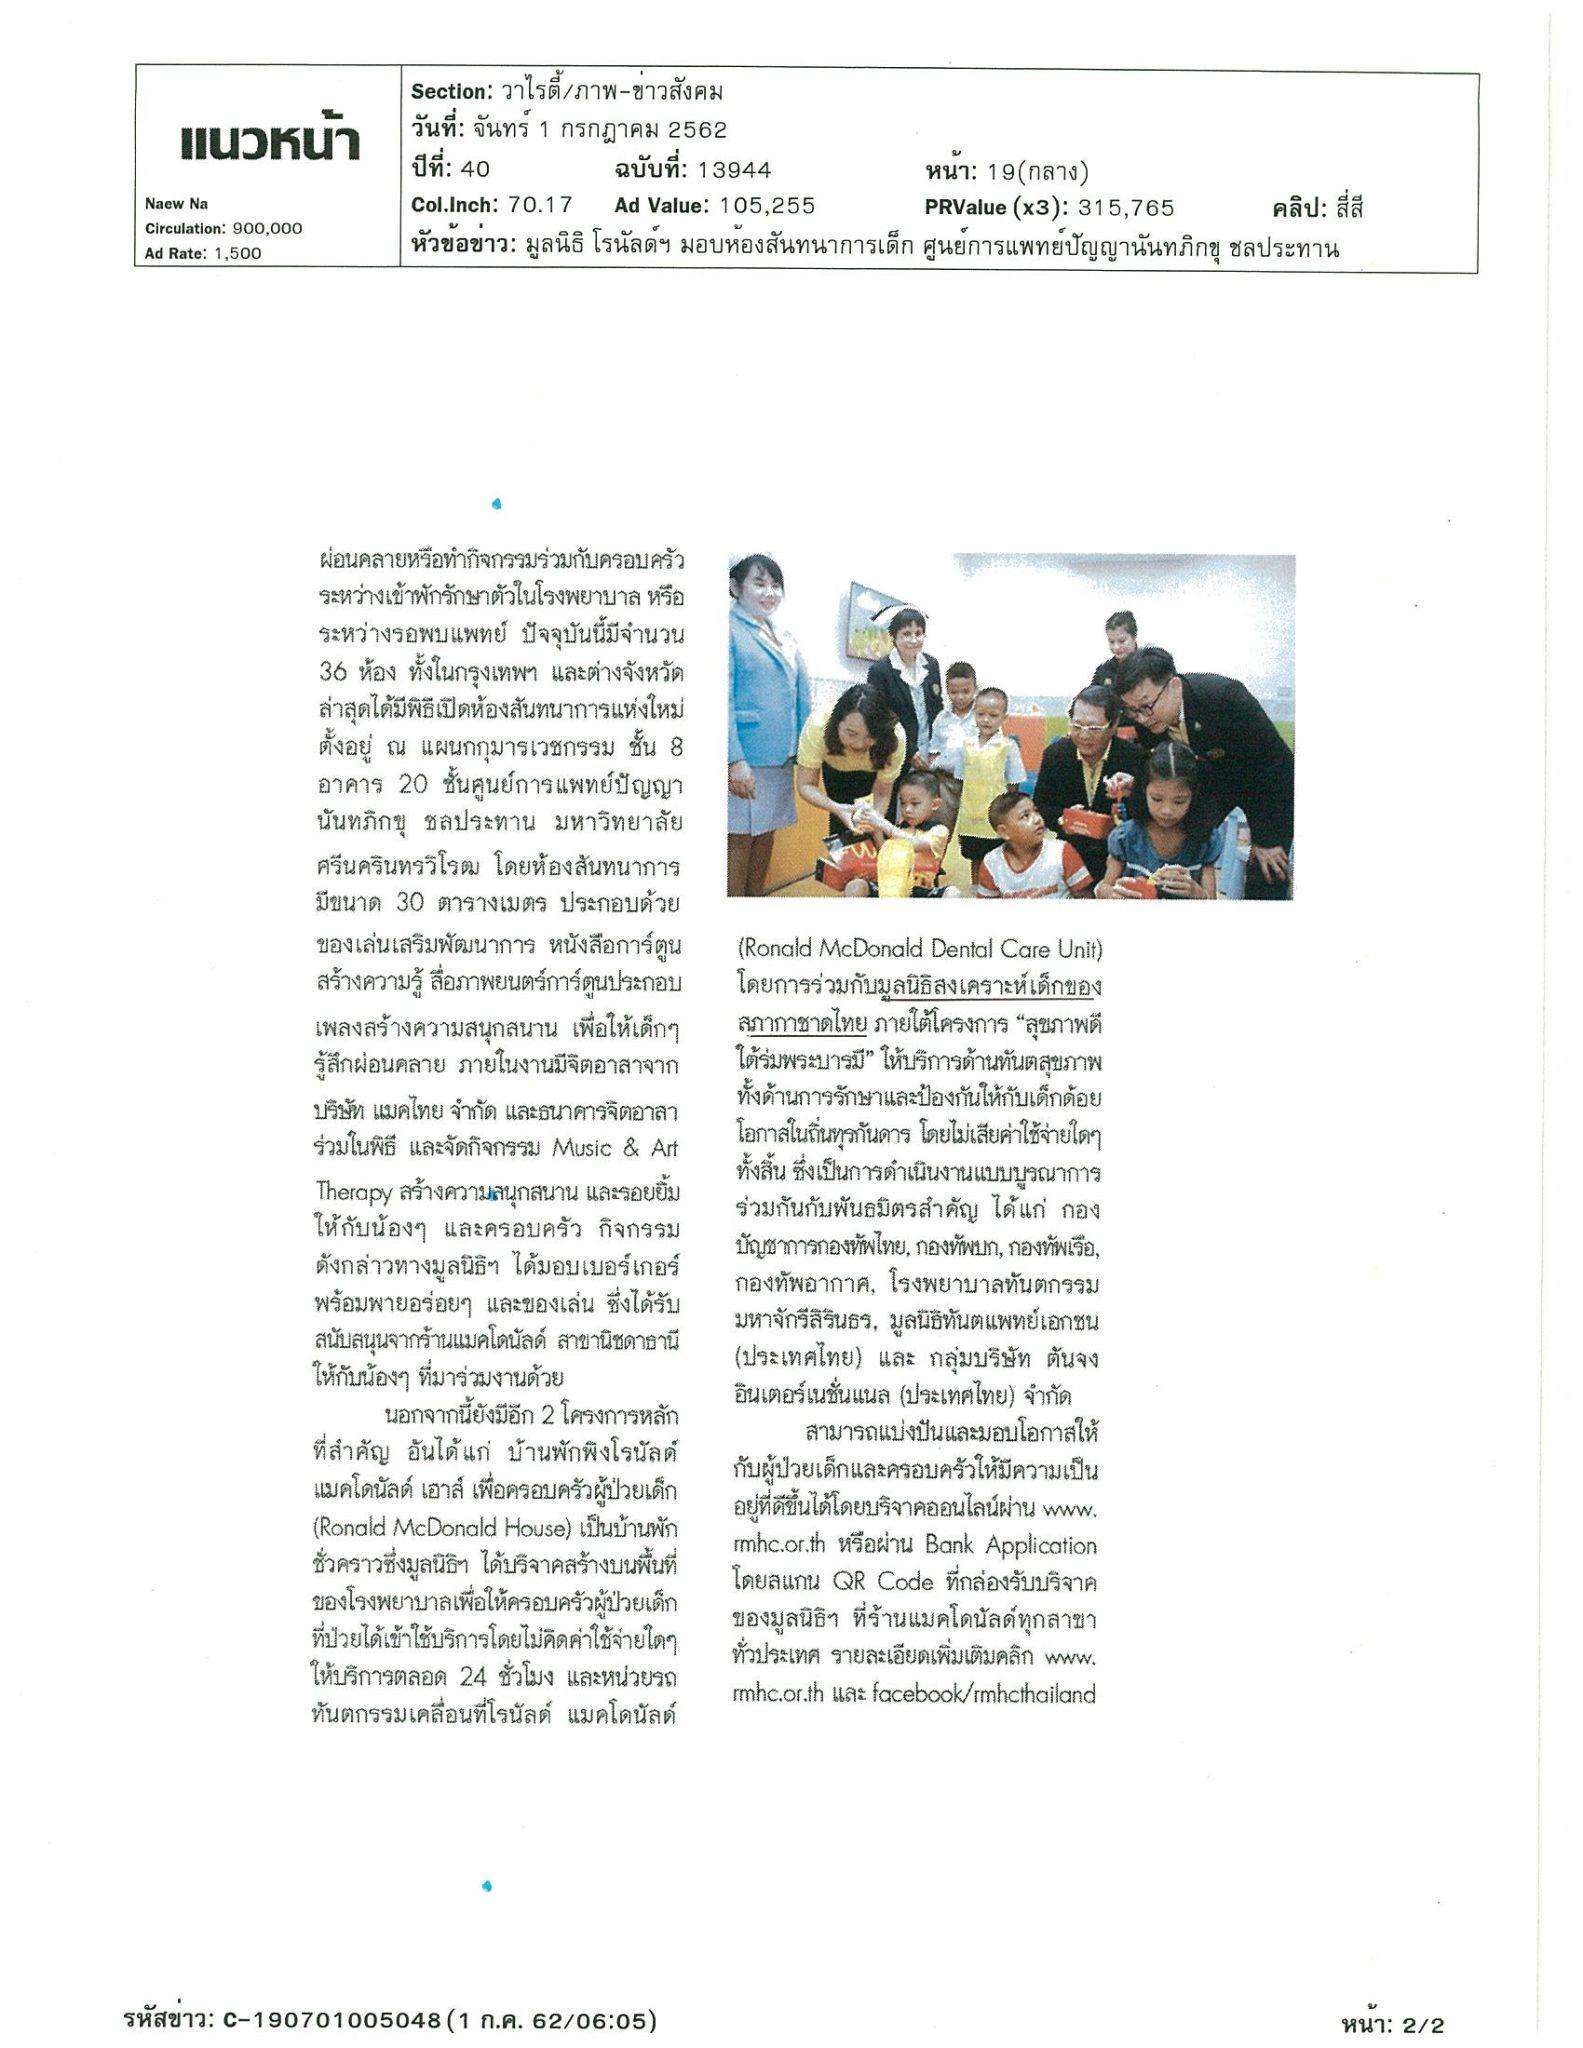 มูลนิธิสงเคราะห์เด็กของสภากาชาดไทย จัดโครงการสุขภาพดีใต้ร่มพระบารมี